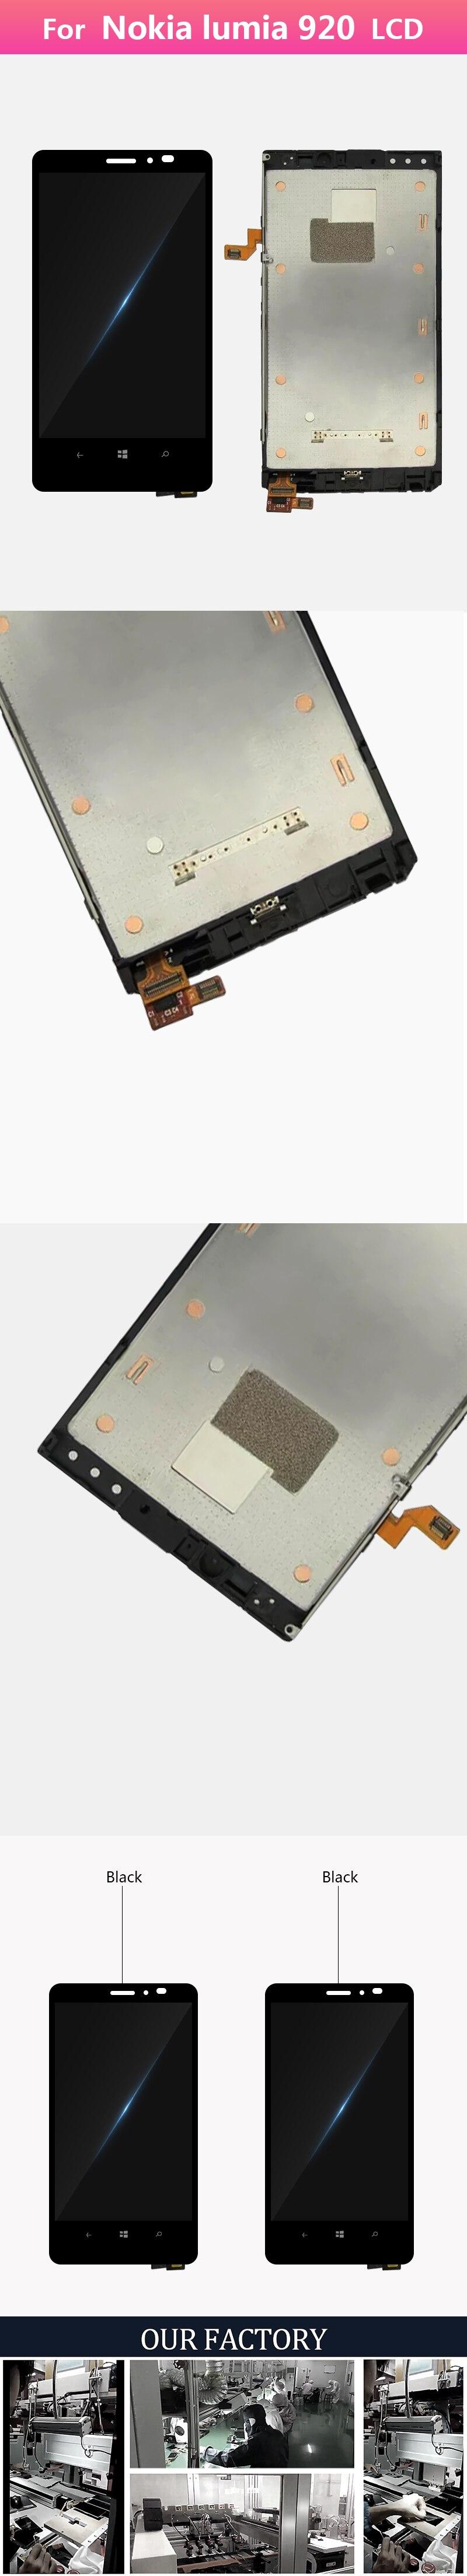 Nokia lumia 920-详情